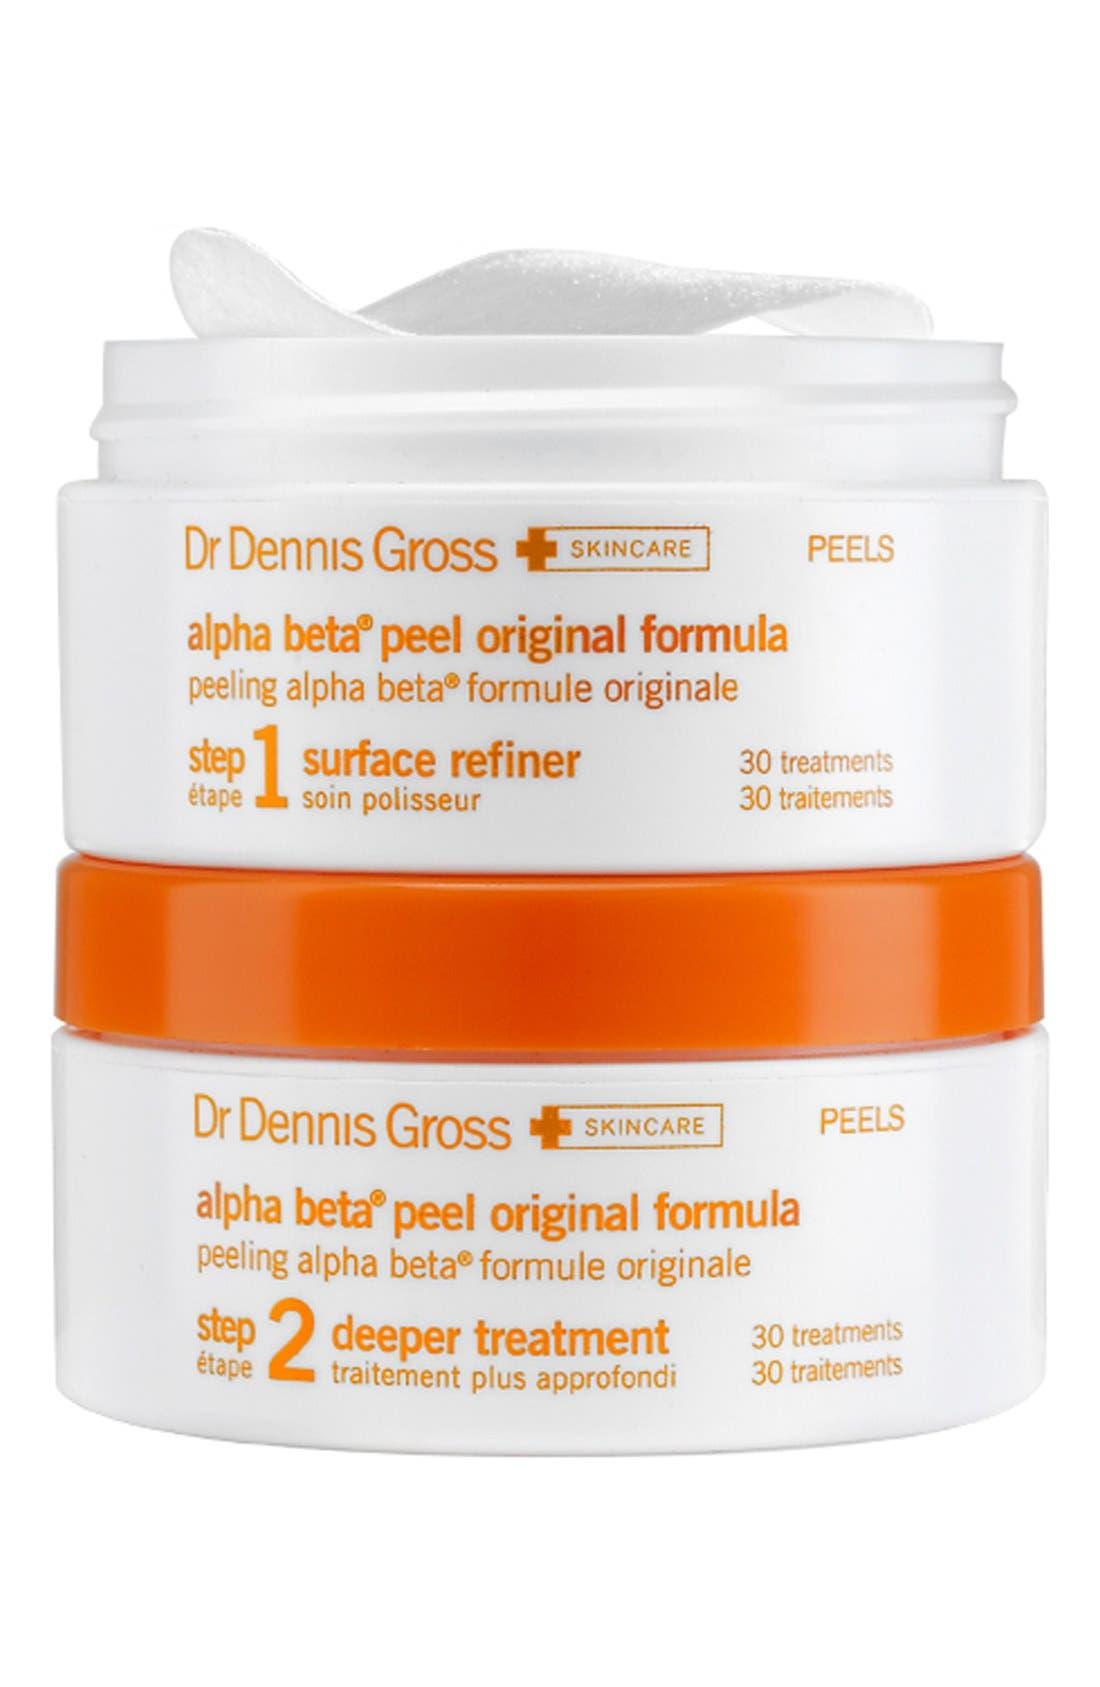 Dr. Dennis Gross Skincare Alpha Beta® Daily Face Peel